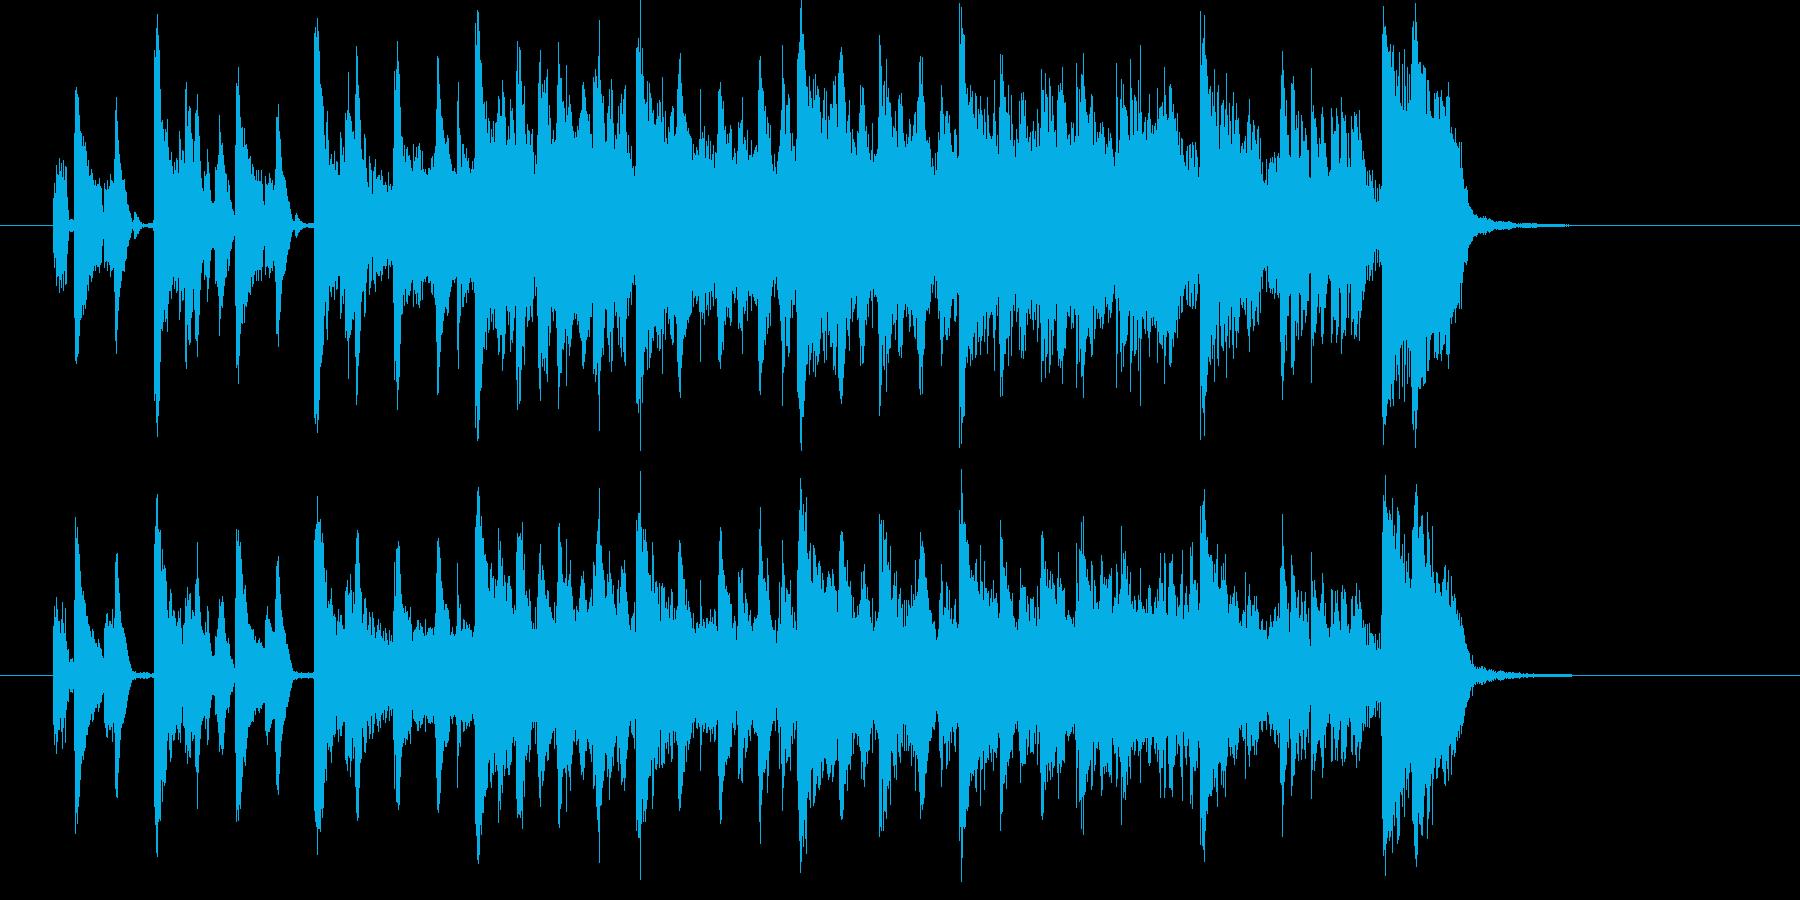 軽快でマイナーなエレキジングルの再生済みの波形